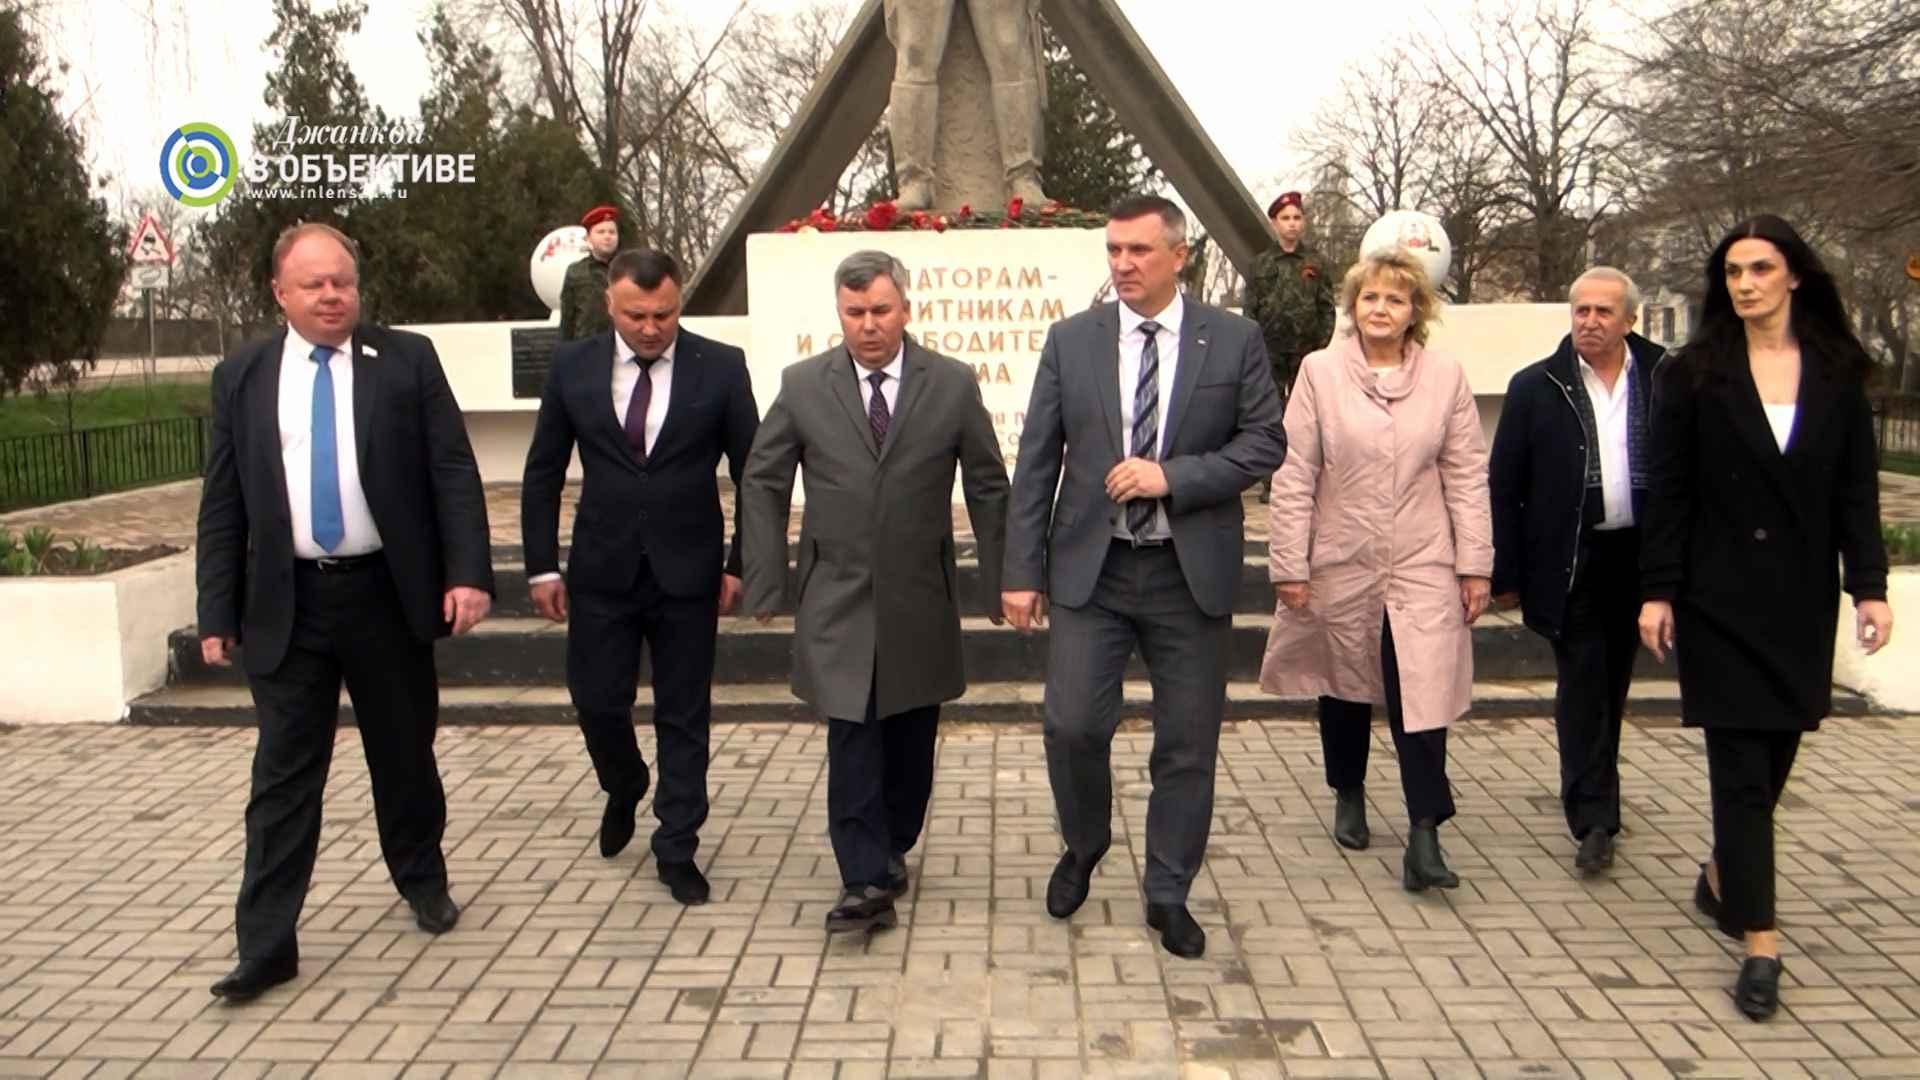 Джанкой и Гурьевск Калининградской области подписали договор о сотрудничестве